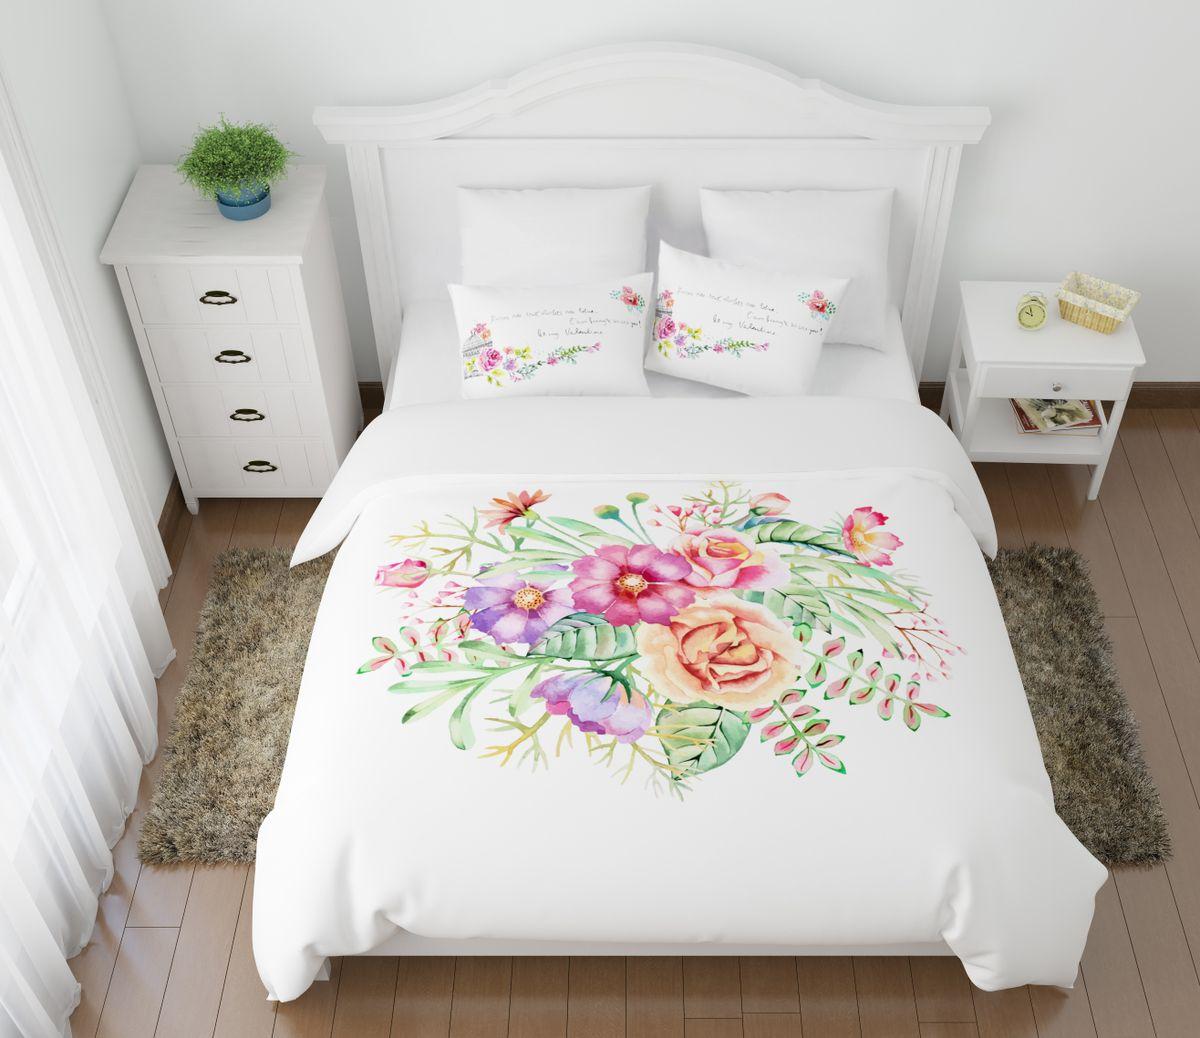 Комплект белья Сирень Вальс цветов, 1,5-спальный, наволочки 50x7008616-КПБ-МКомплект постельного белья Сирень выполнен из прочной и мягкой ткани. Четкий и стильный рисунок в сочетании с насыщенными красками делают комплект постельного белья неповторимой изюминкой любого интерьера. Постельное белье идеально подойдет для подарка. Идеальное соотношение смешенной ткани и гипоаллергенных красок это гарантия здорового, спокойного сна. Ткань хорошо впитывает влагу, надолго сохраняет яркость красок. Цвет простыни, пододеяльника, наволочки в комплектации может немного отличаться от представленного на фото. В комплект входят: простынь - 150х220см; пододельяник 145х210 см; наволочка - 50х70х2шт. Постельное белье легко стирать при 30-40 градусах, гладить при 150 градусах, не отбеливать.Рекомендуется перед первым изпользованием постирать.